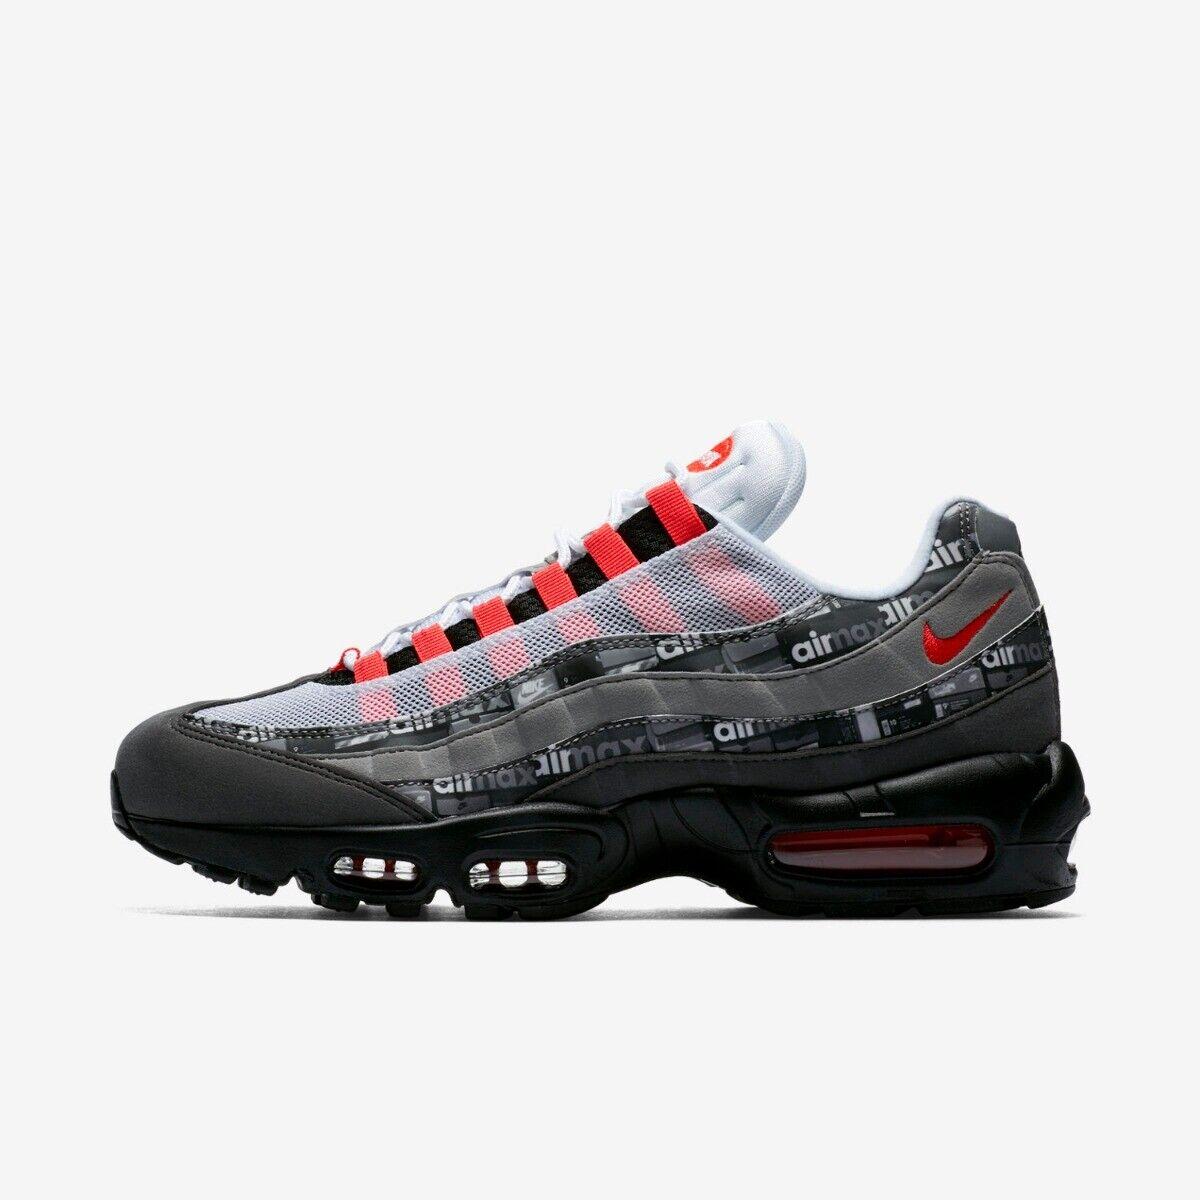 Nike Air Max 95 Stampa da men da Corsa shoes da Allenamento Size 8.5 - 10